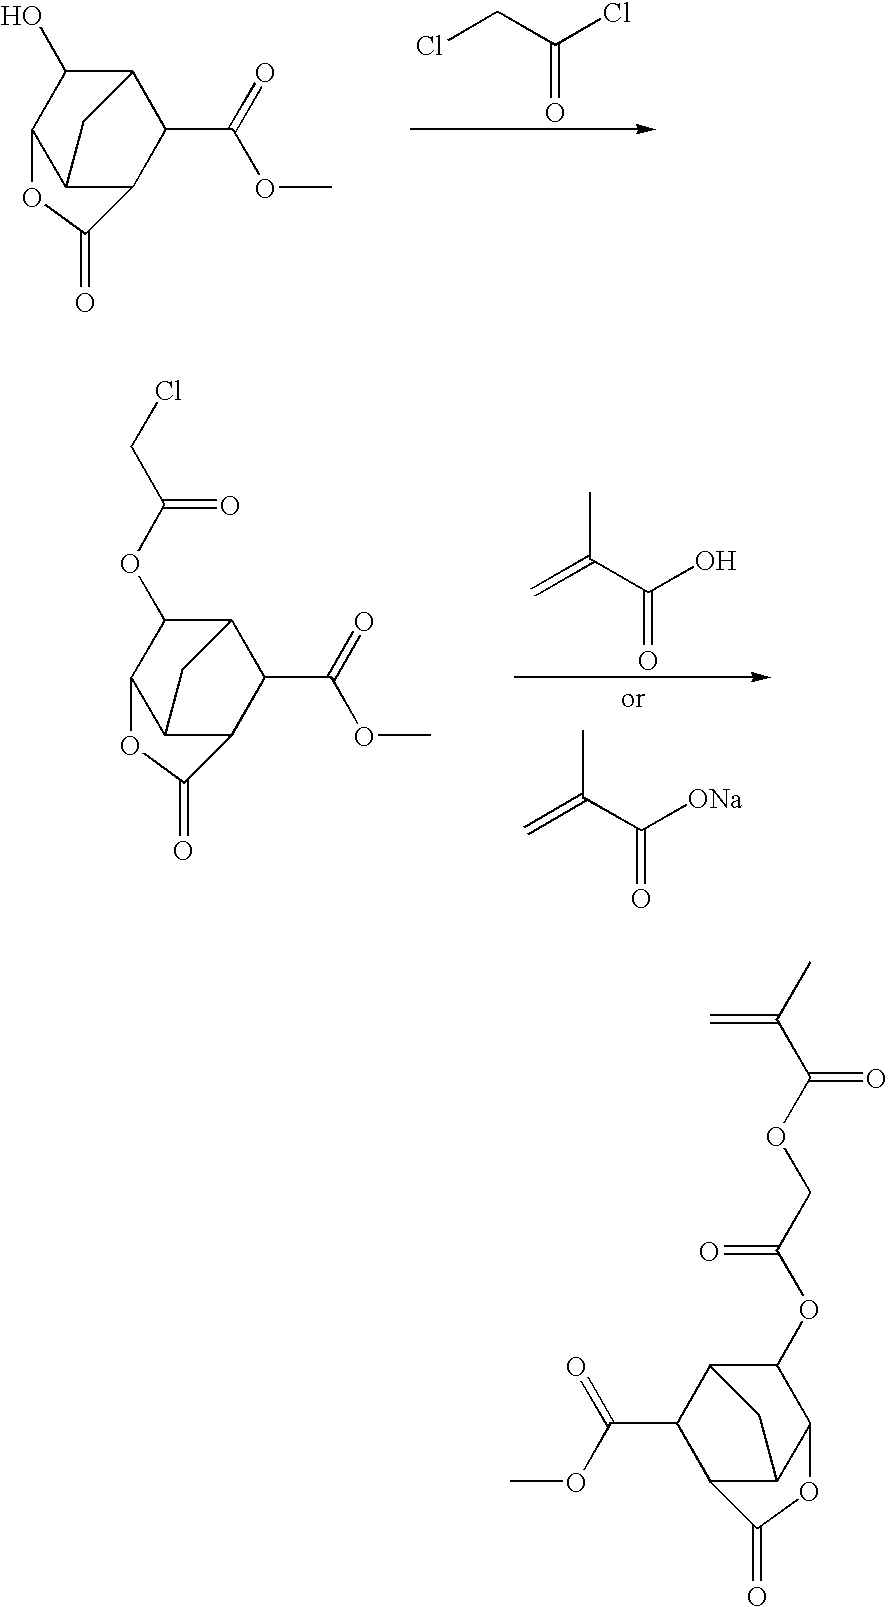 Figure US20080026331A1-20080131-C00079